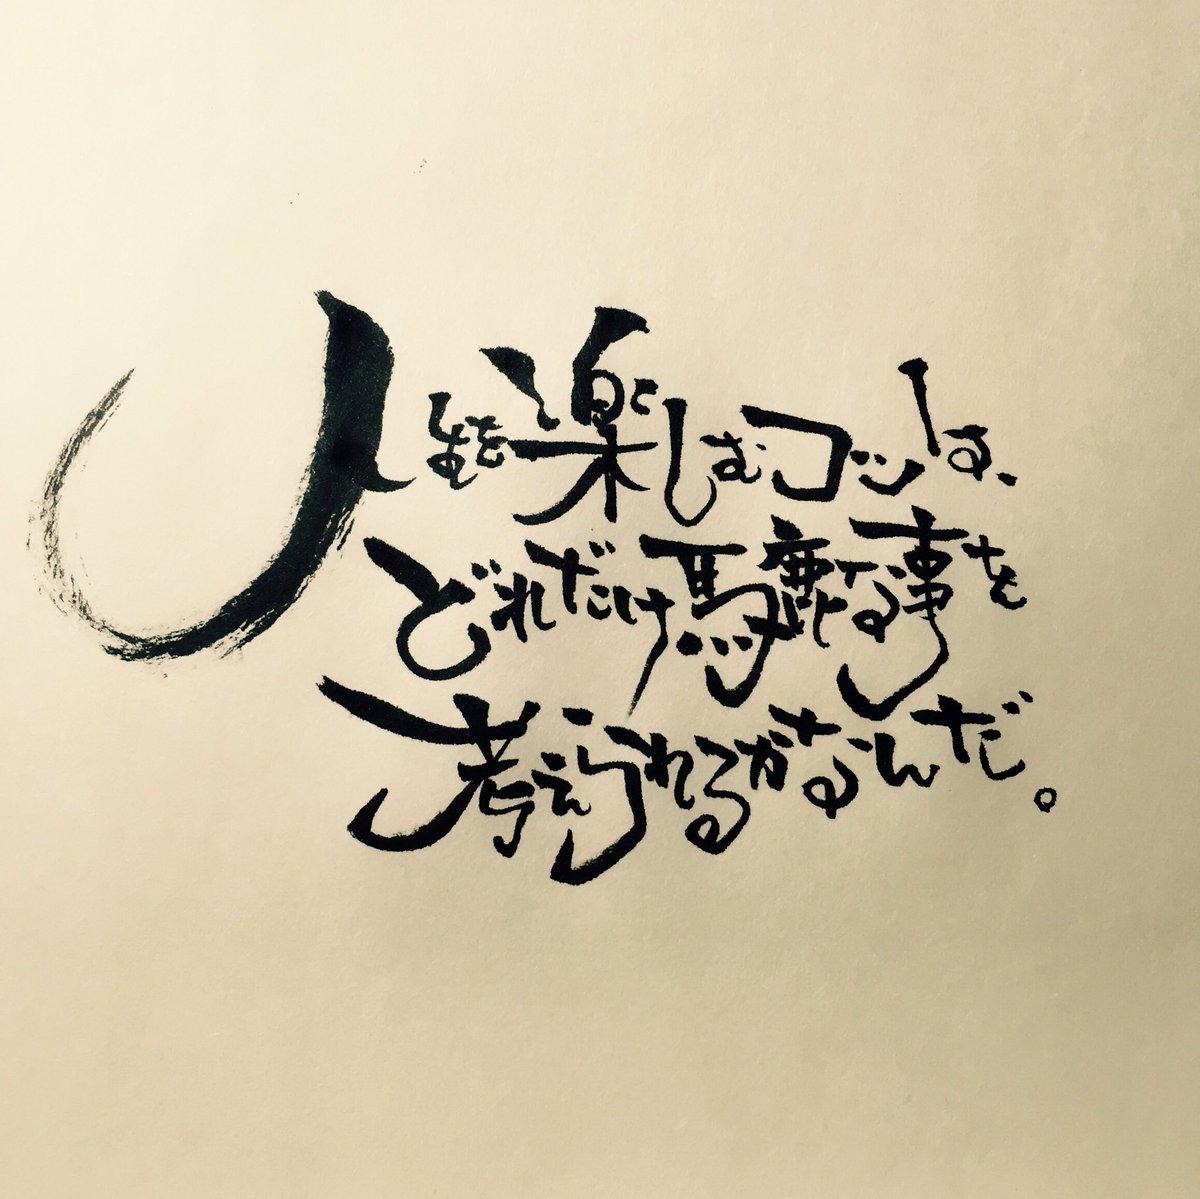 人生を楽しむコツは、どれだけ馬鹿な事を考えられるかなんだ。#文字 #手書き文字 #筆 #筆文字 #ルパン三世